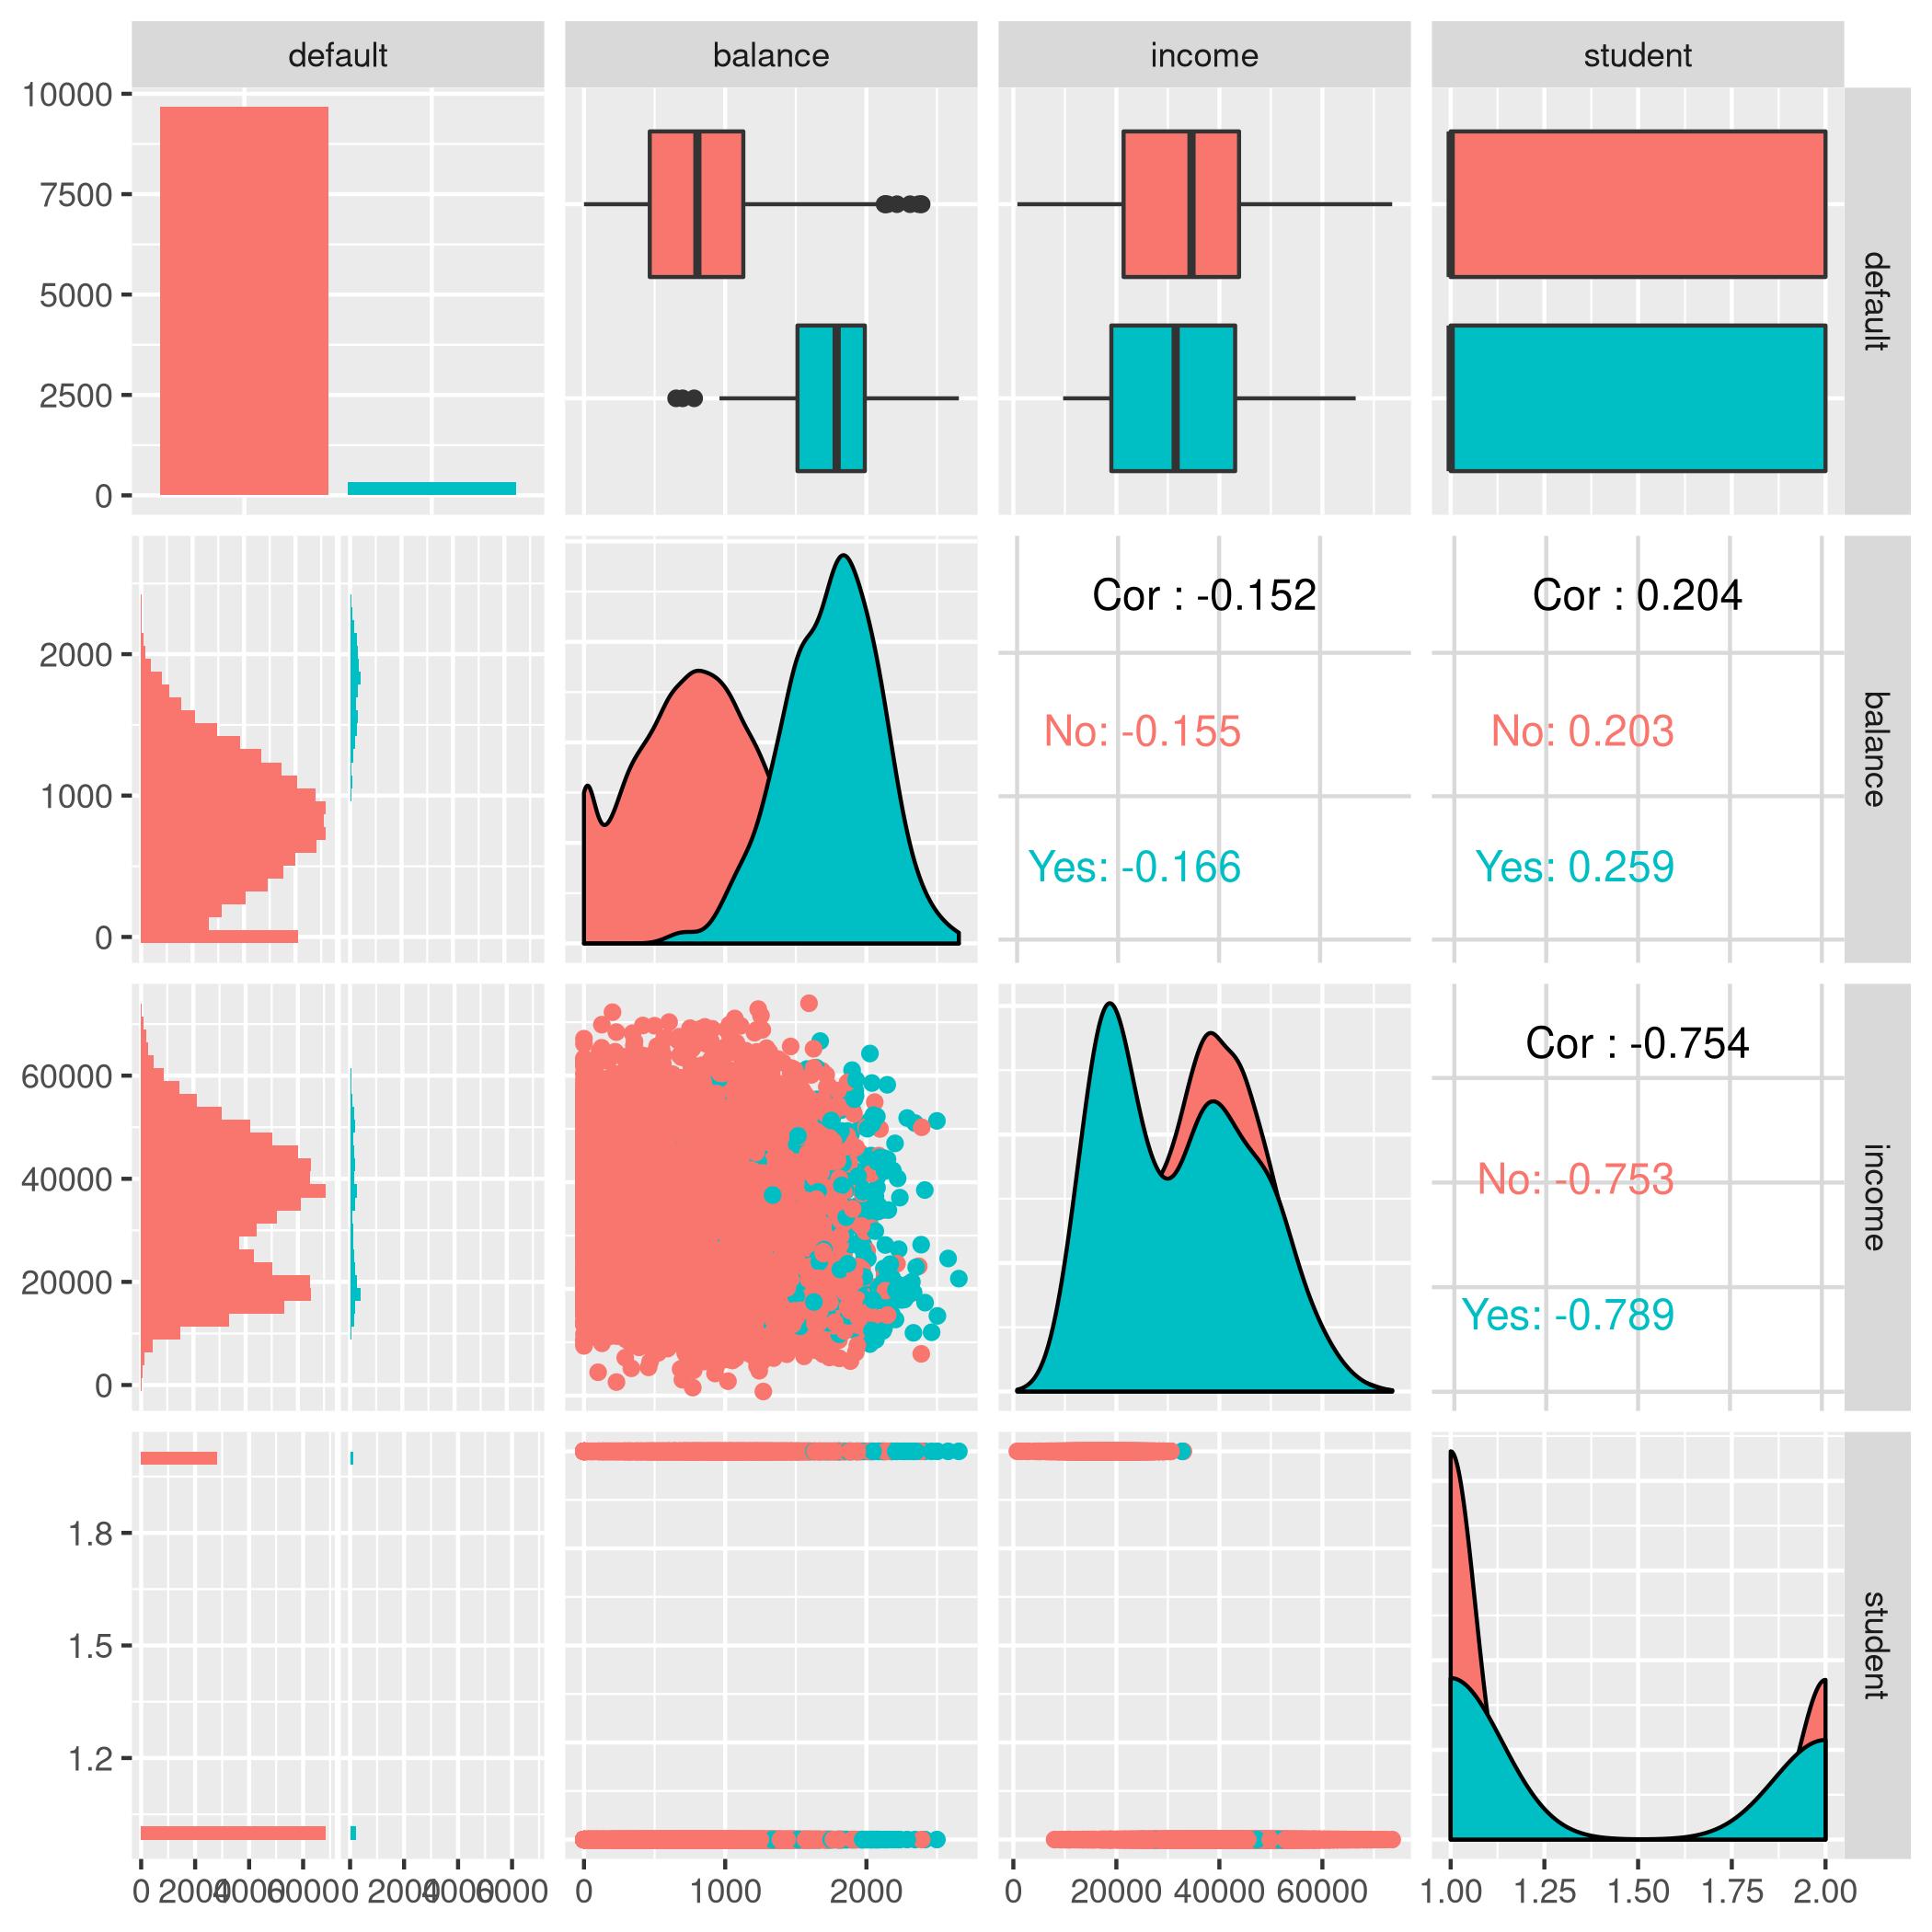 Figure 6: Logistic regression pairs data